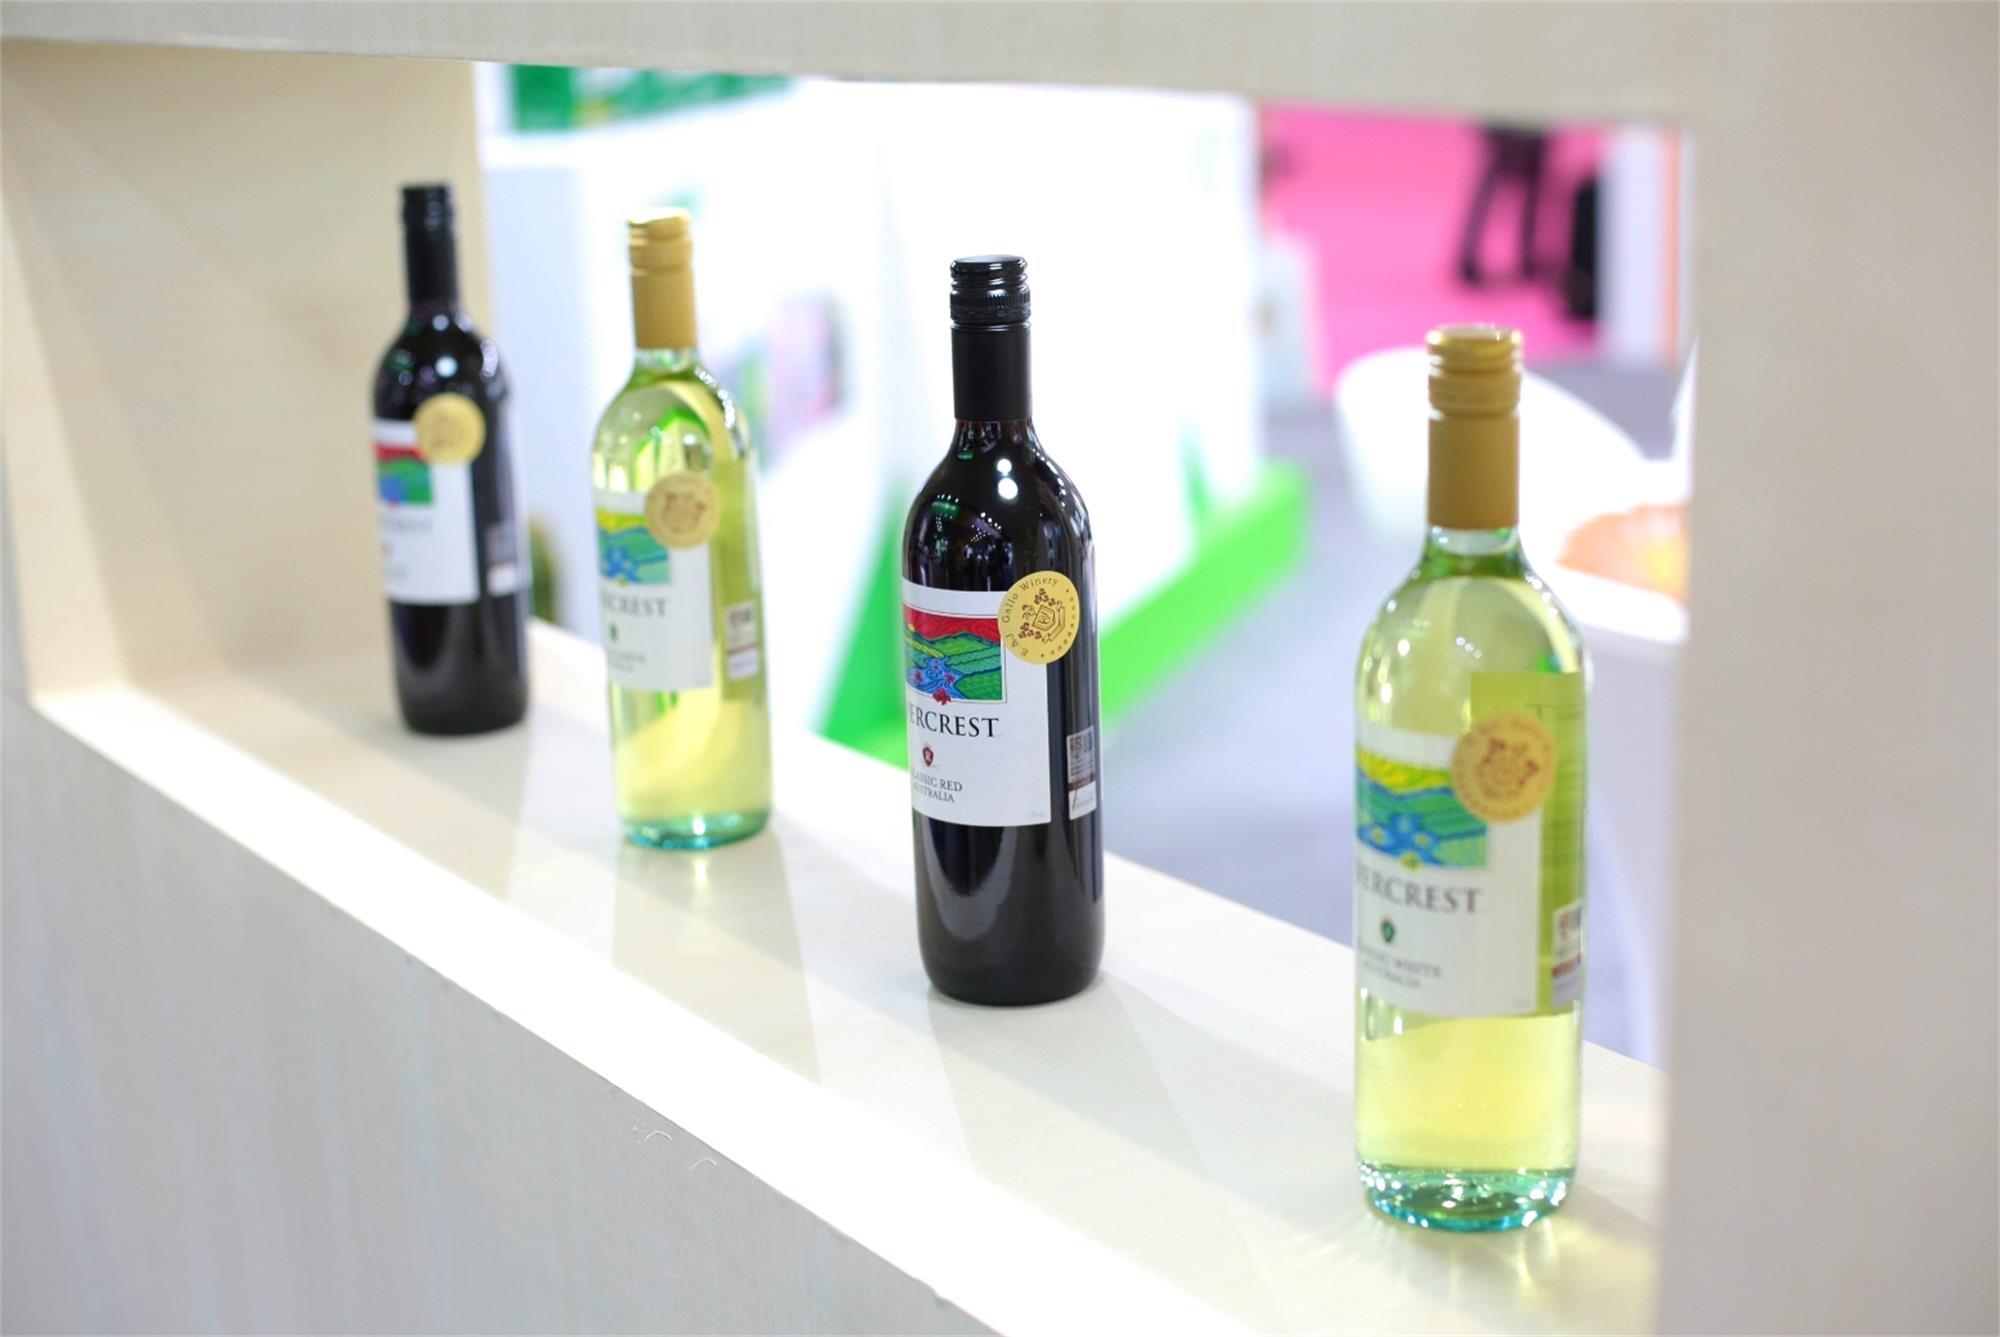 东锦食品抓住改革开放机遇稳步前进